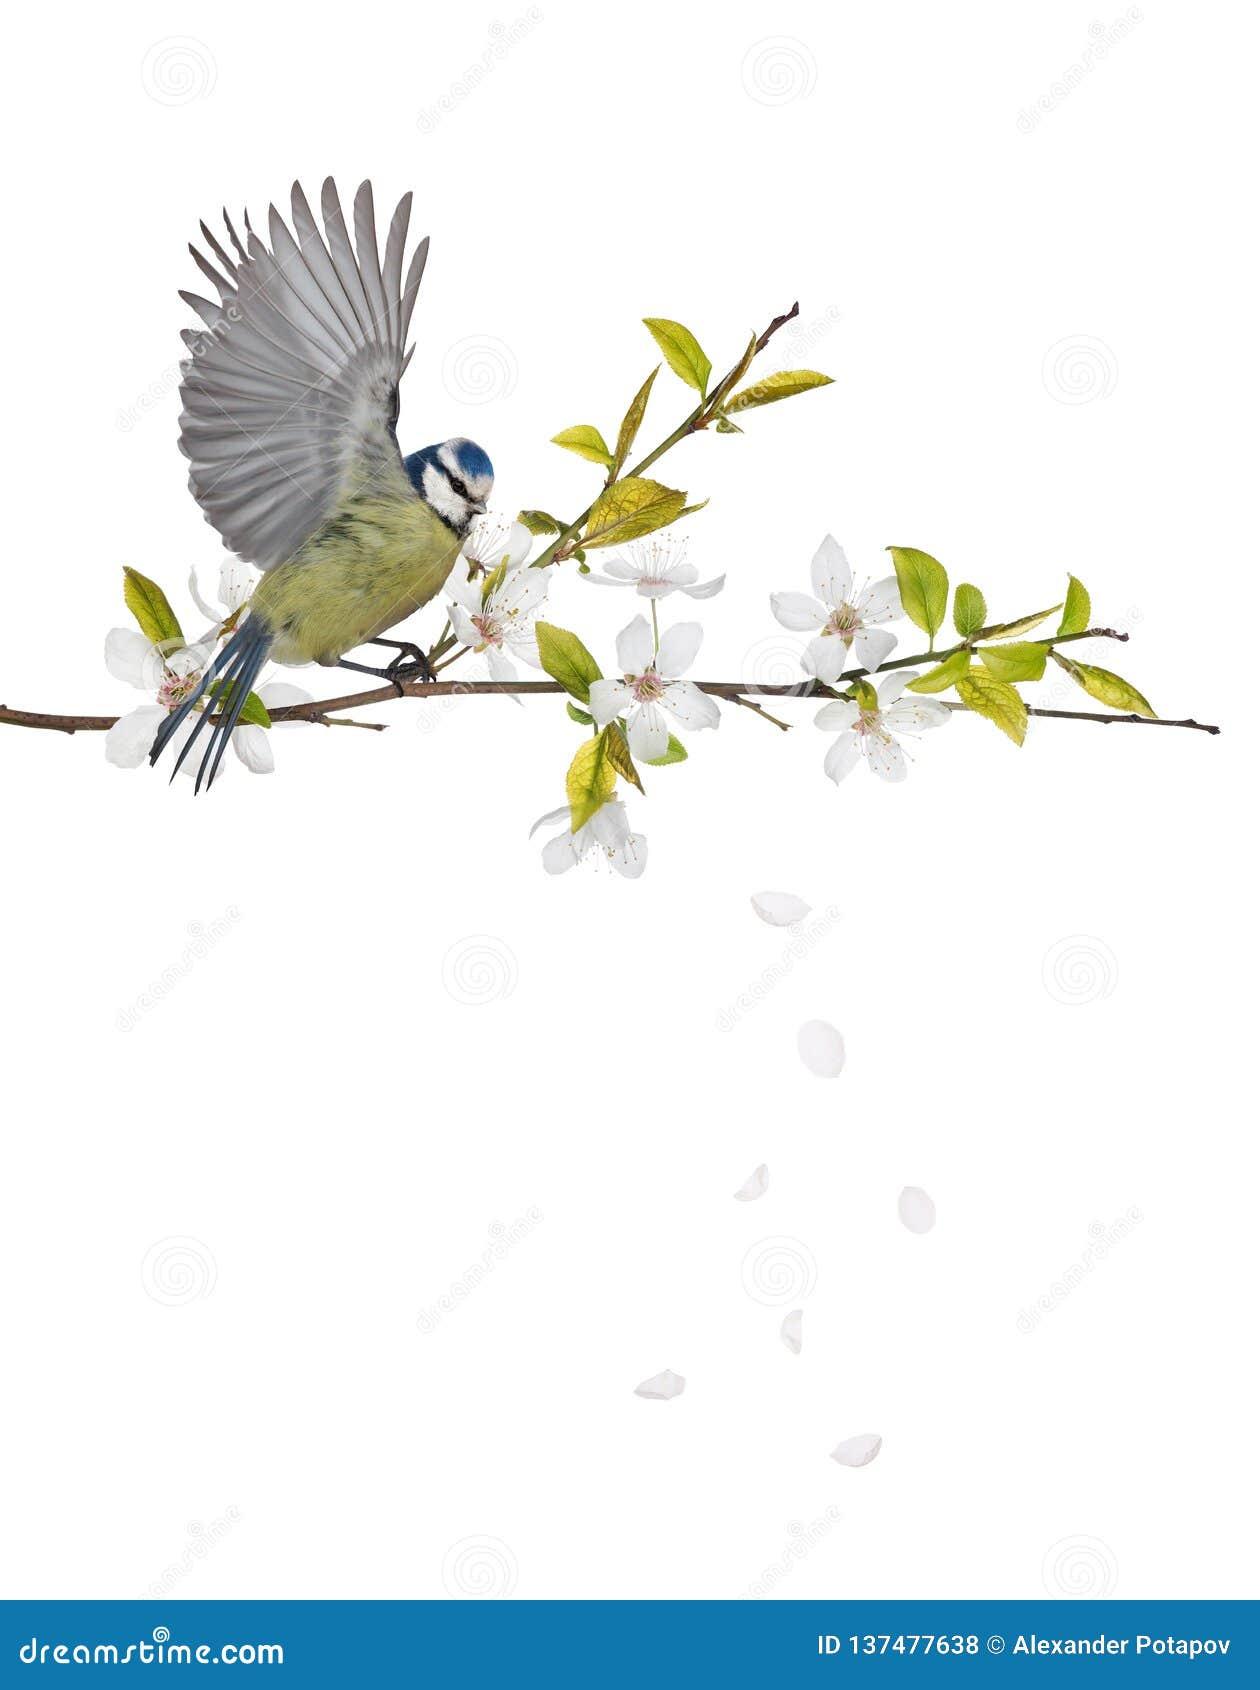 Europees-Aziatische blauwe mees op de tot bloei komende tak van de kersenboom